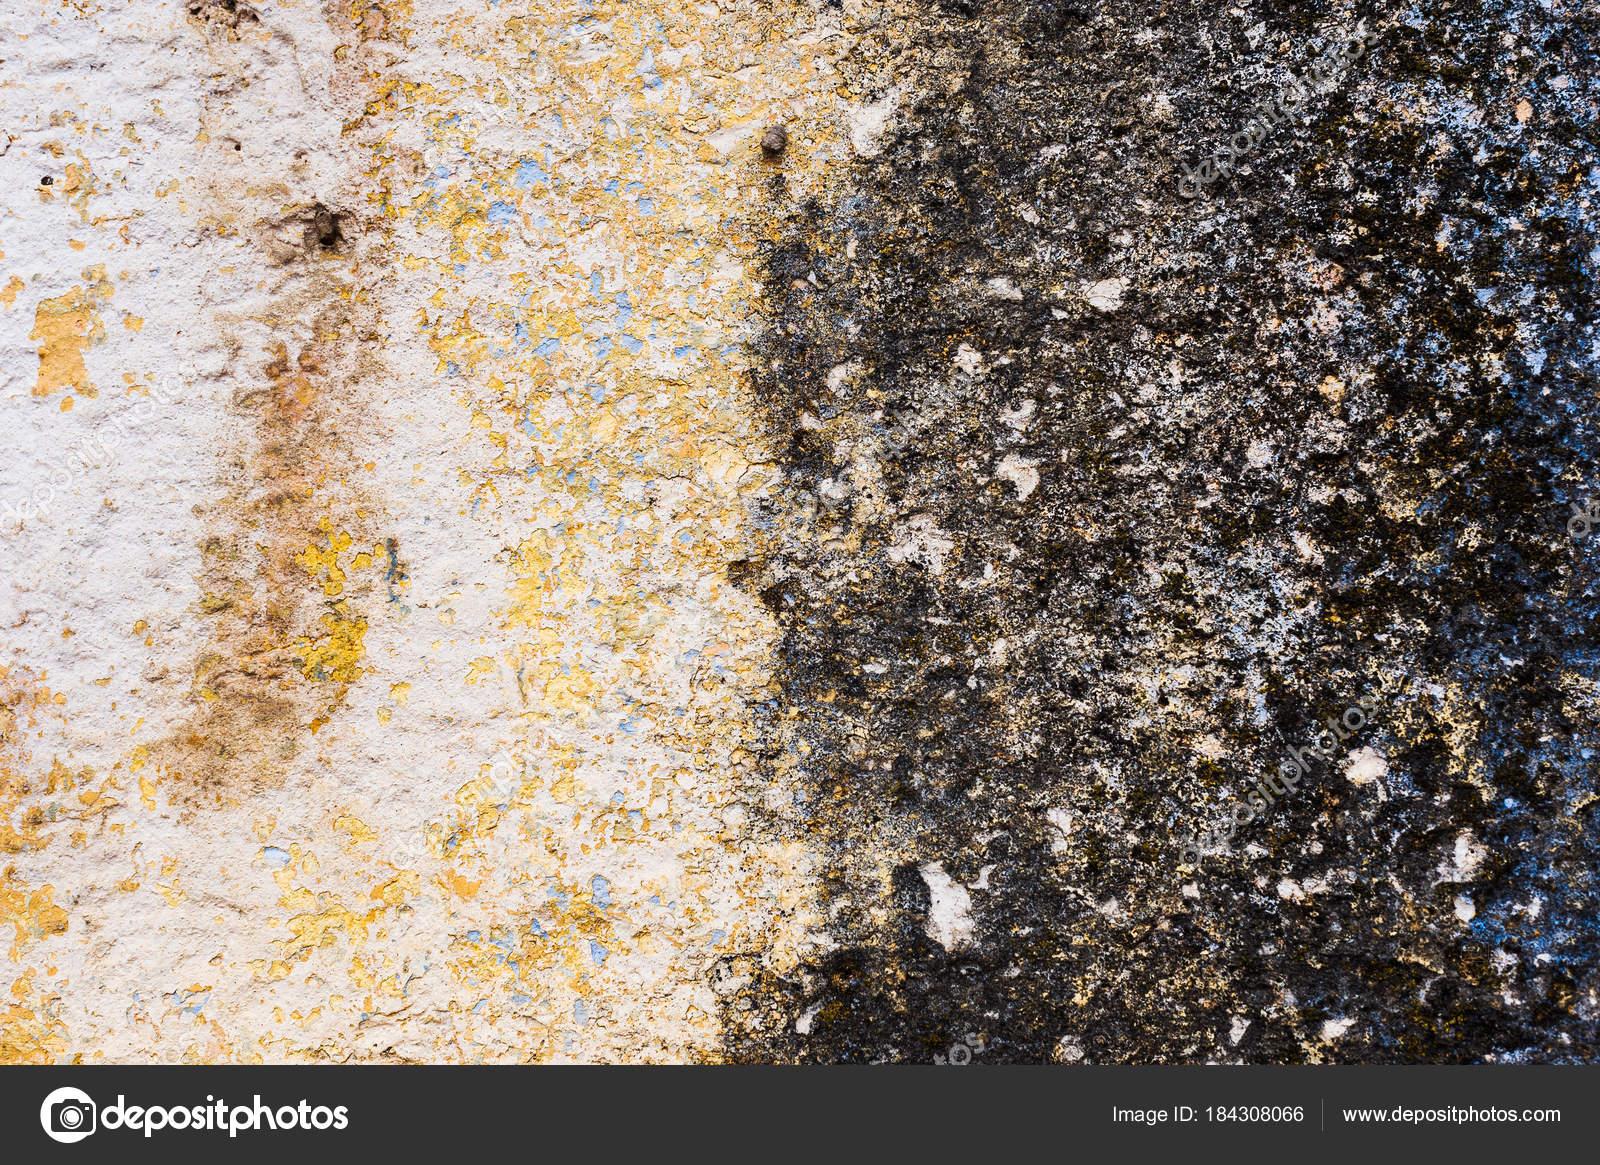 Weiss Gelb Glatt Hintergrund Einer Gefliesten Wand Mit Spuren Von  Feuchtigkeit In Form Von Einer Schwarzen Pilz Zone. Die Chipping Stücke Des  Kitt Verbergen ...